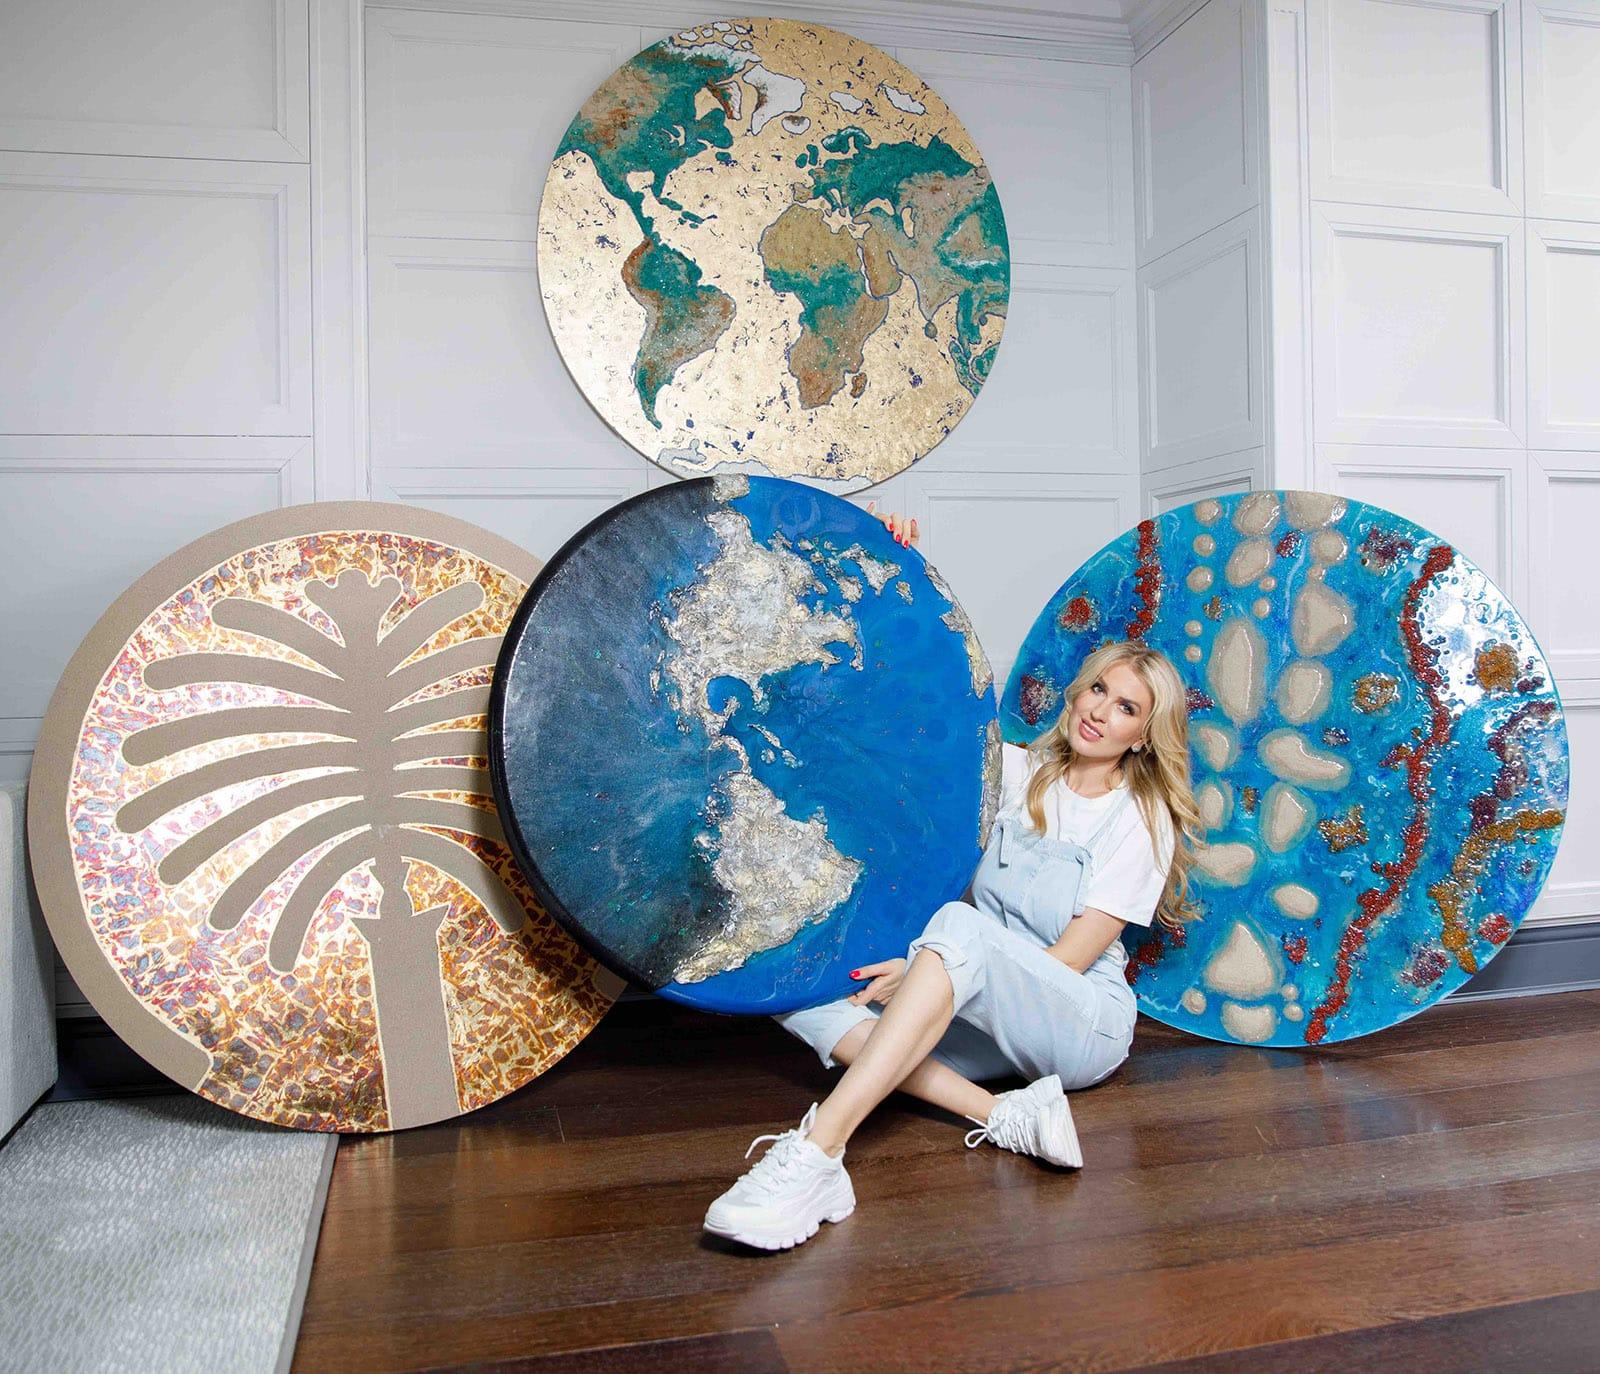 Экологические проблемы через призму современного искусства